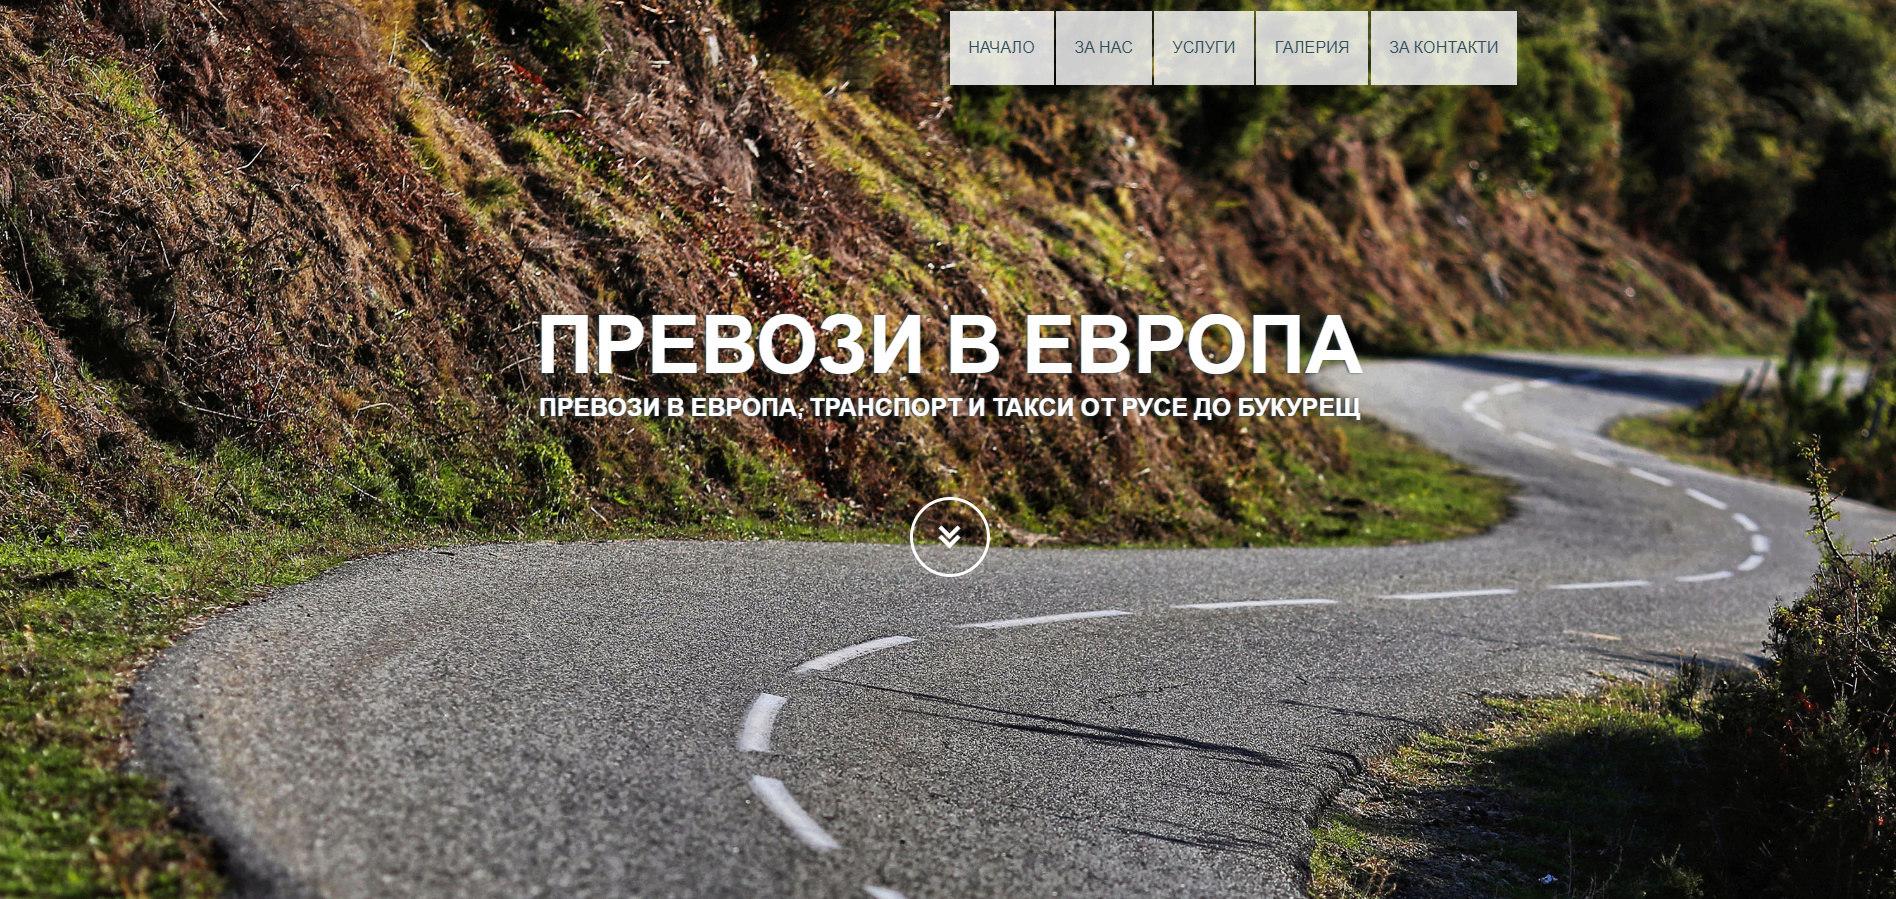 Превози в Европа, транспорт и такси от Русе до Букурещ